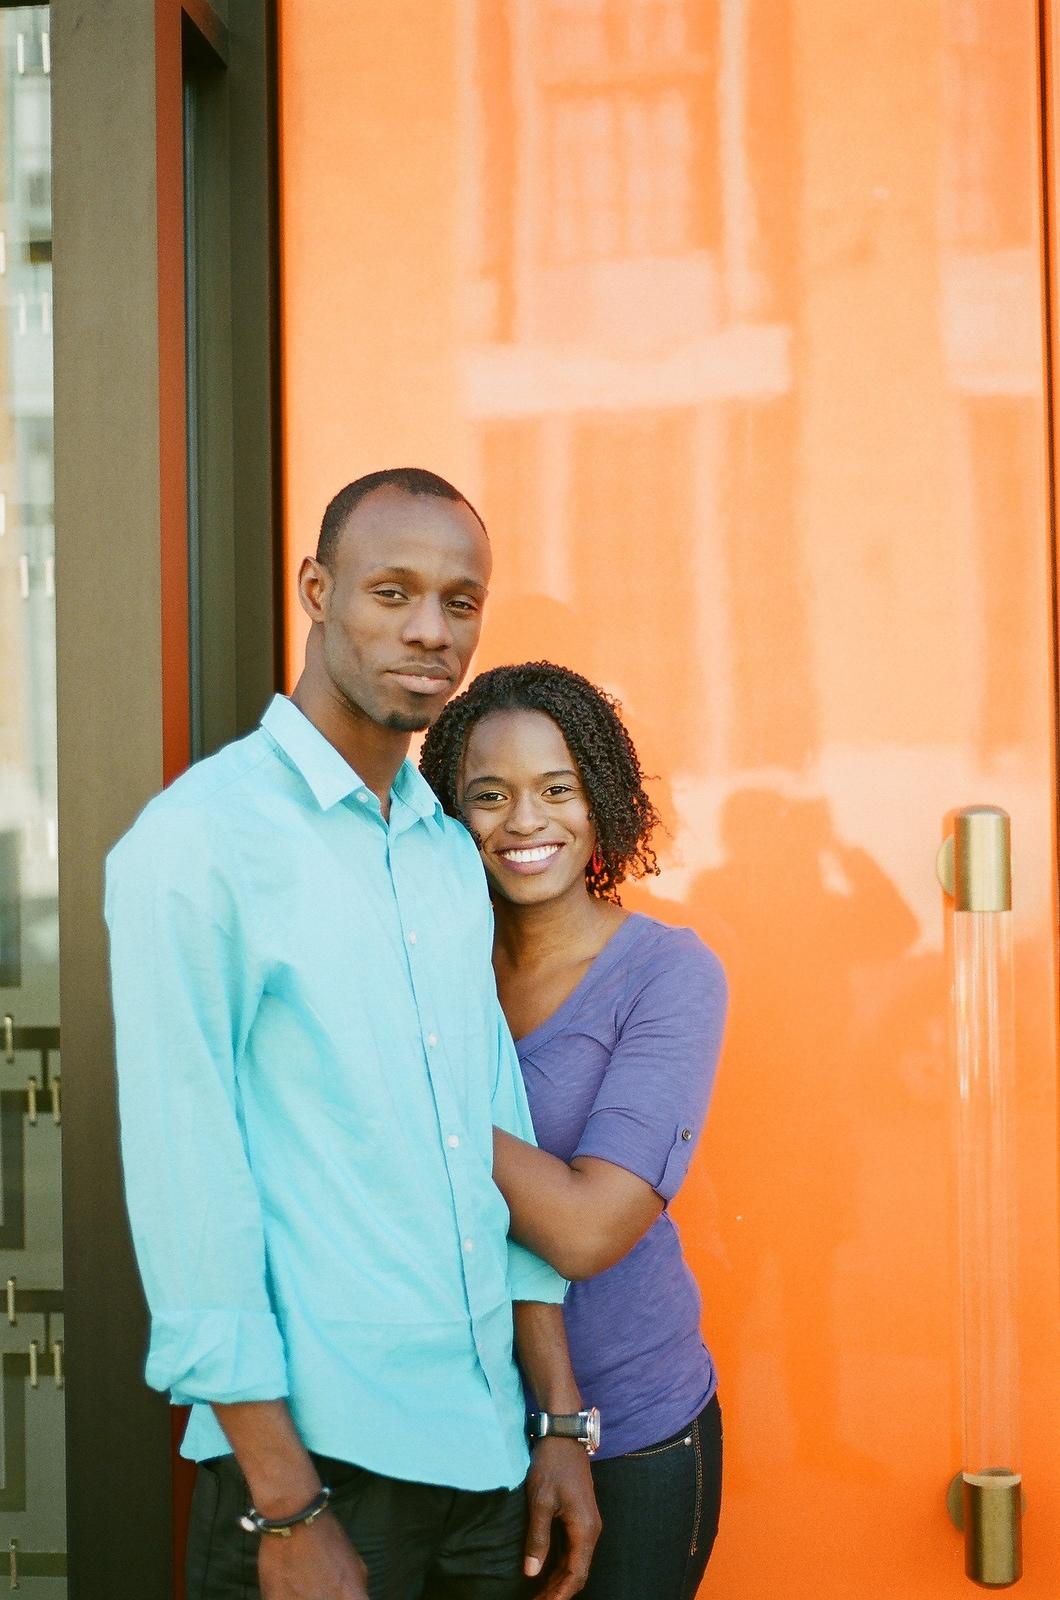 engaged couple bride leaning onto groom orange background